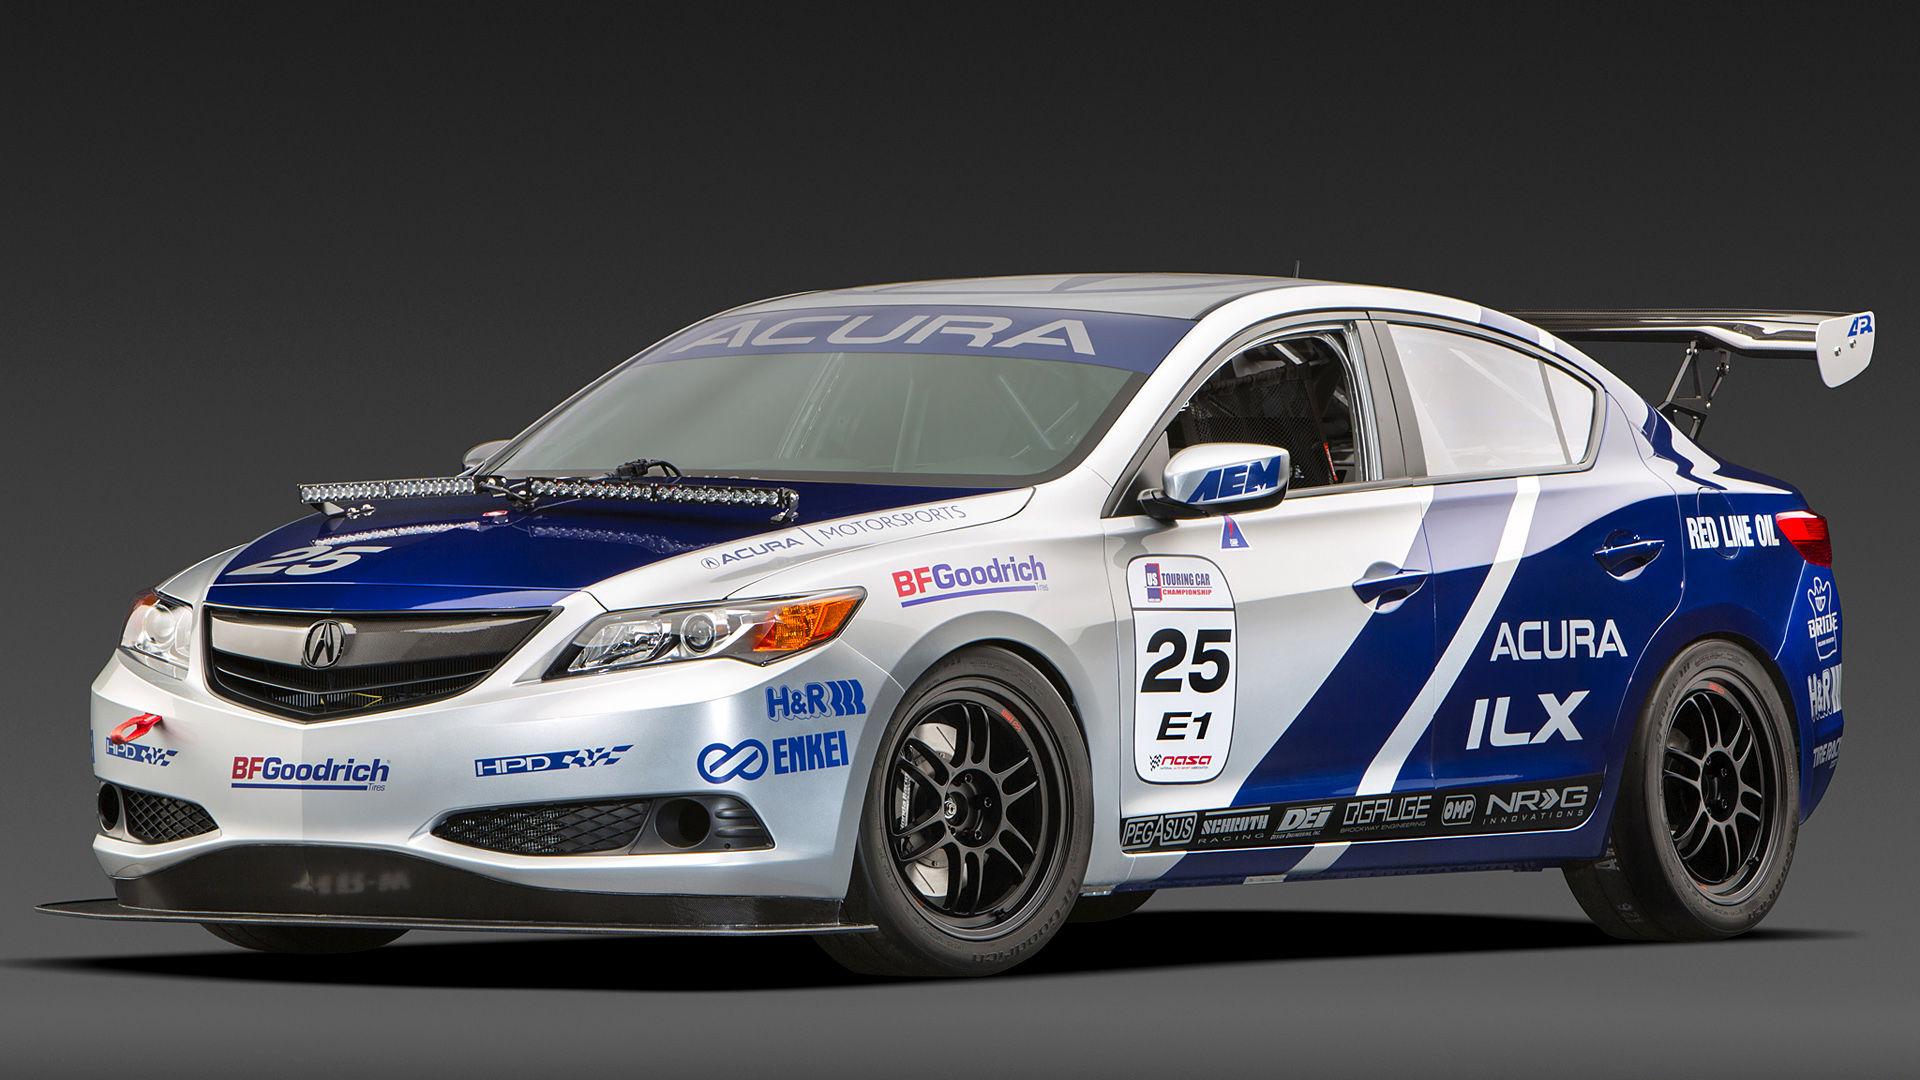 2012 Acura ILX Endurance Racer